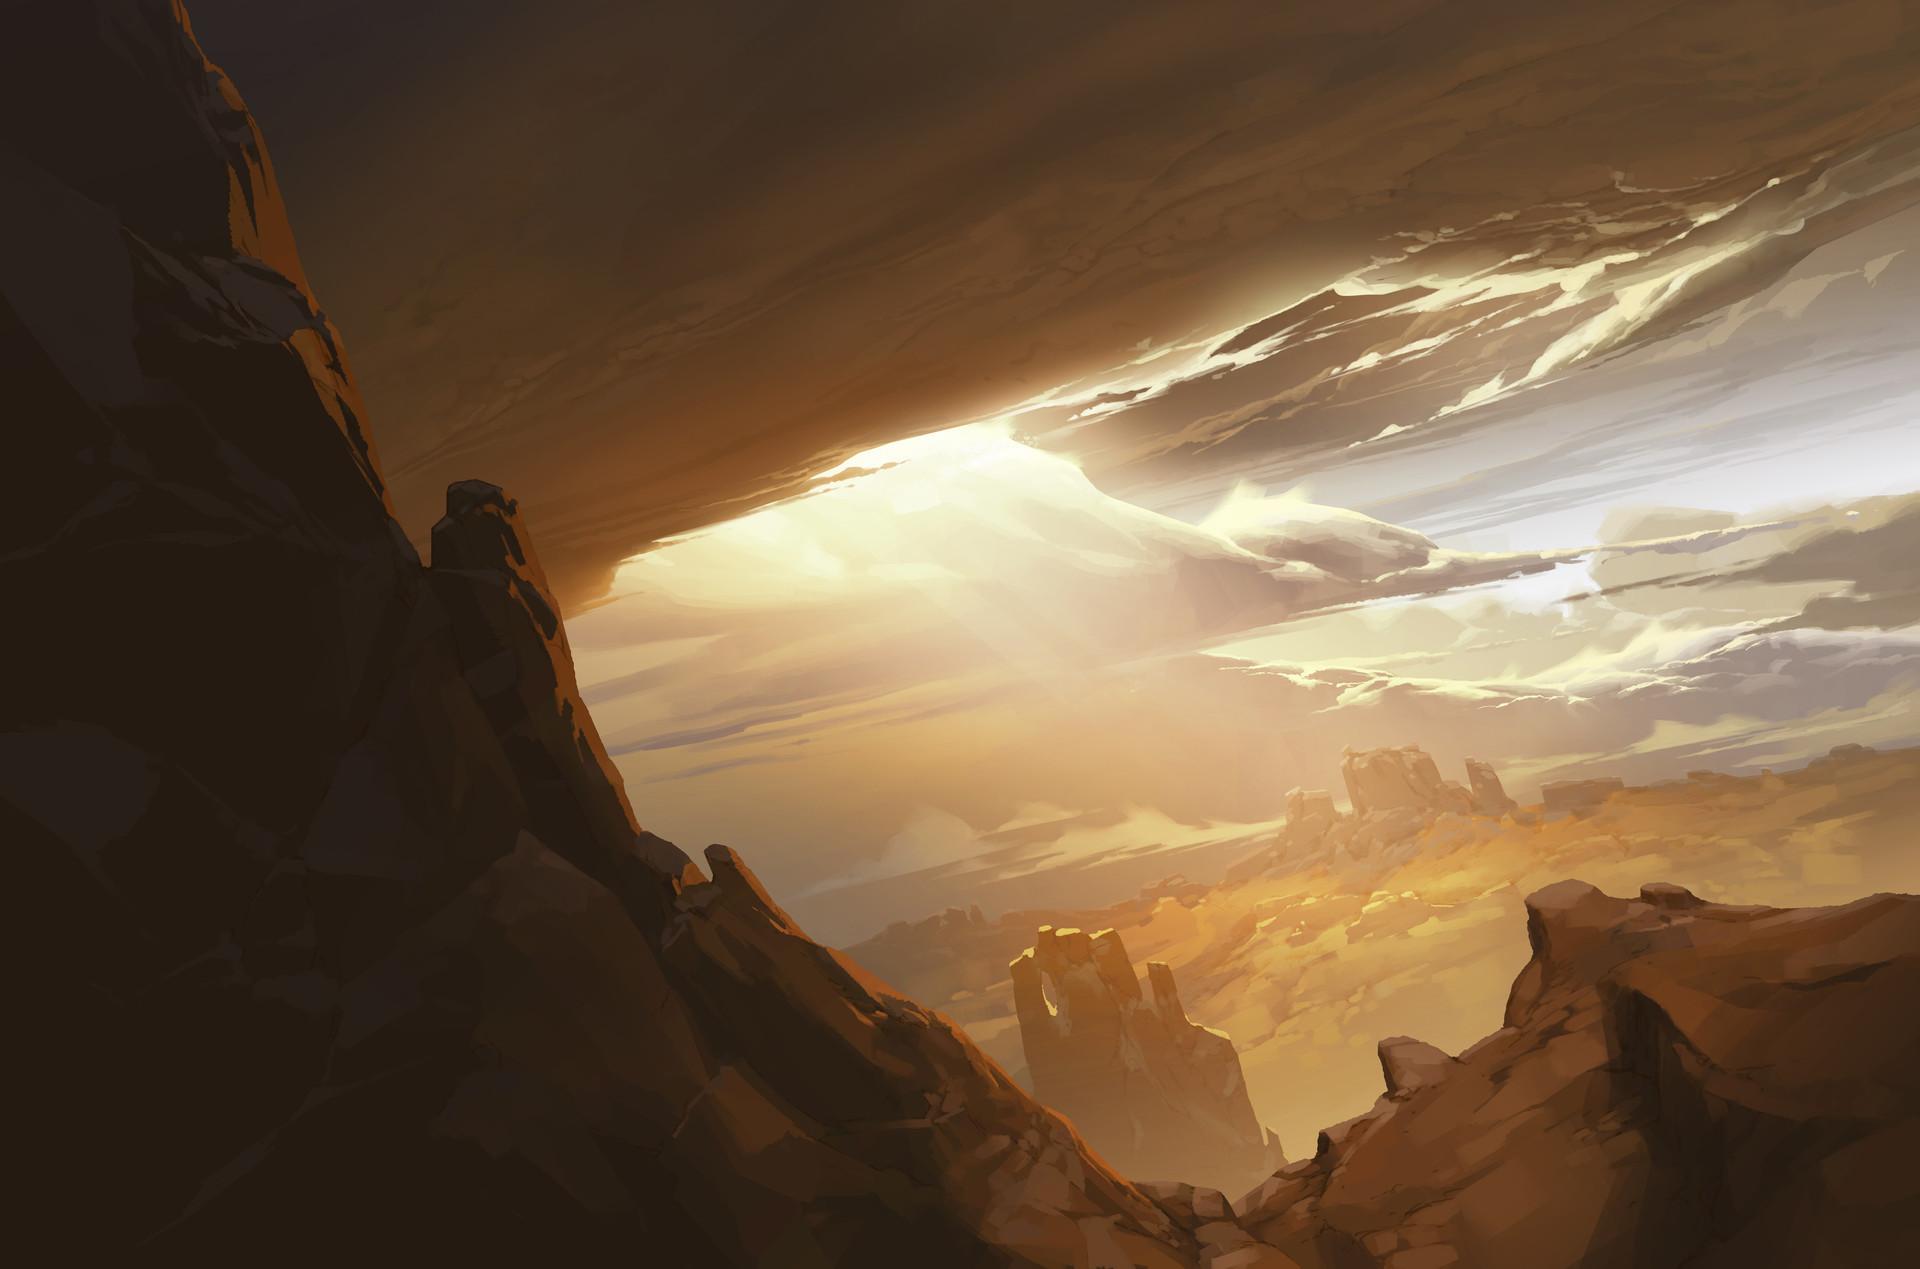 Arthur loftis rg000 bg a077 ext wide est pan down icy planet surface v4 al